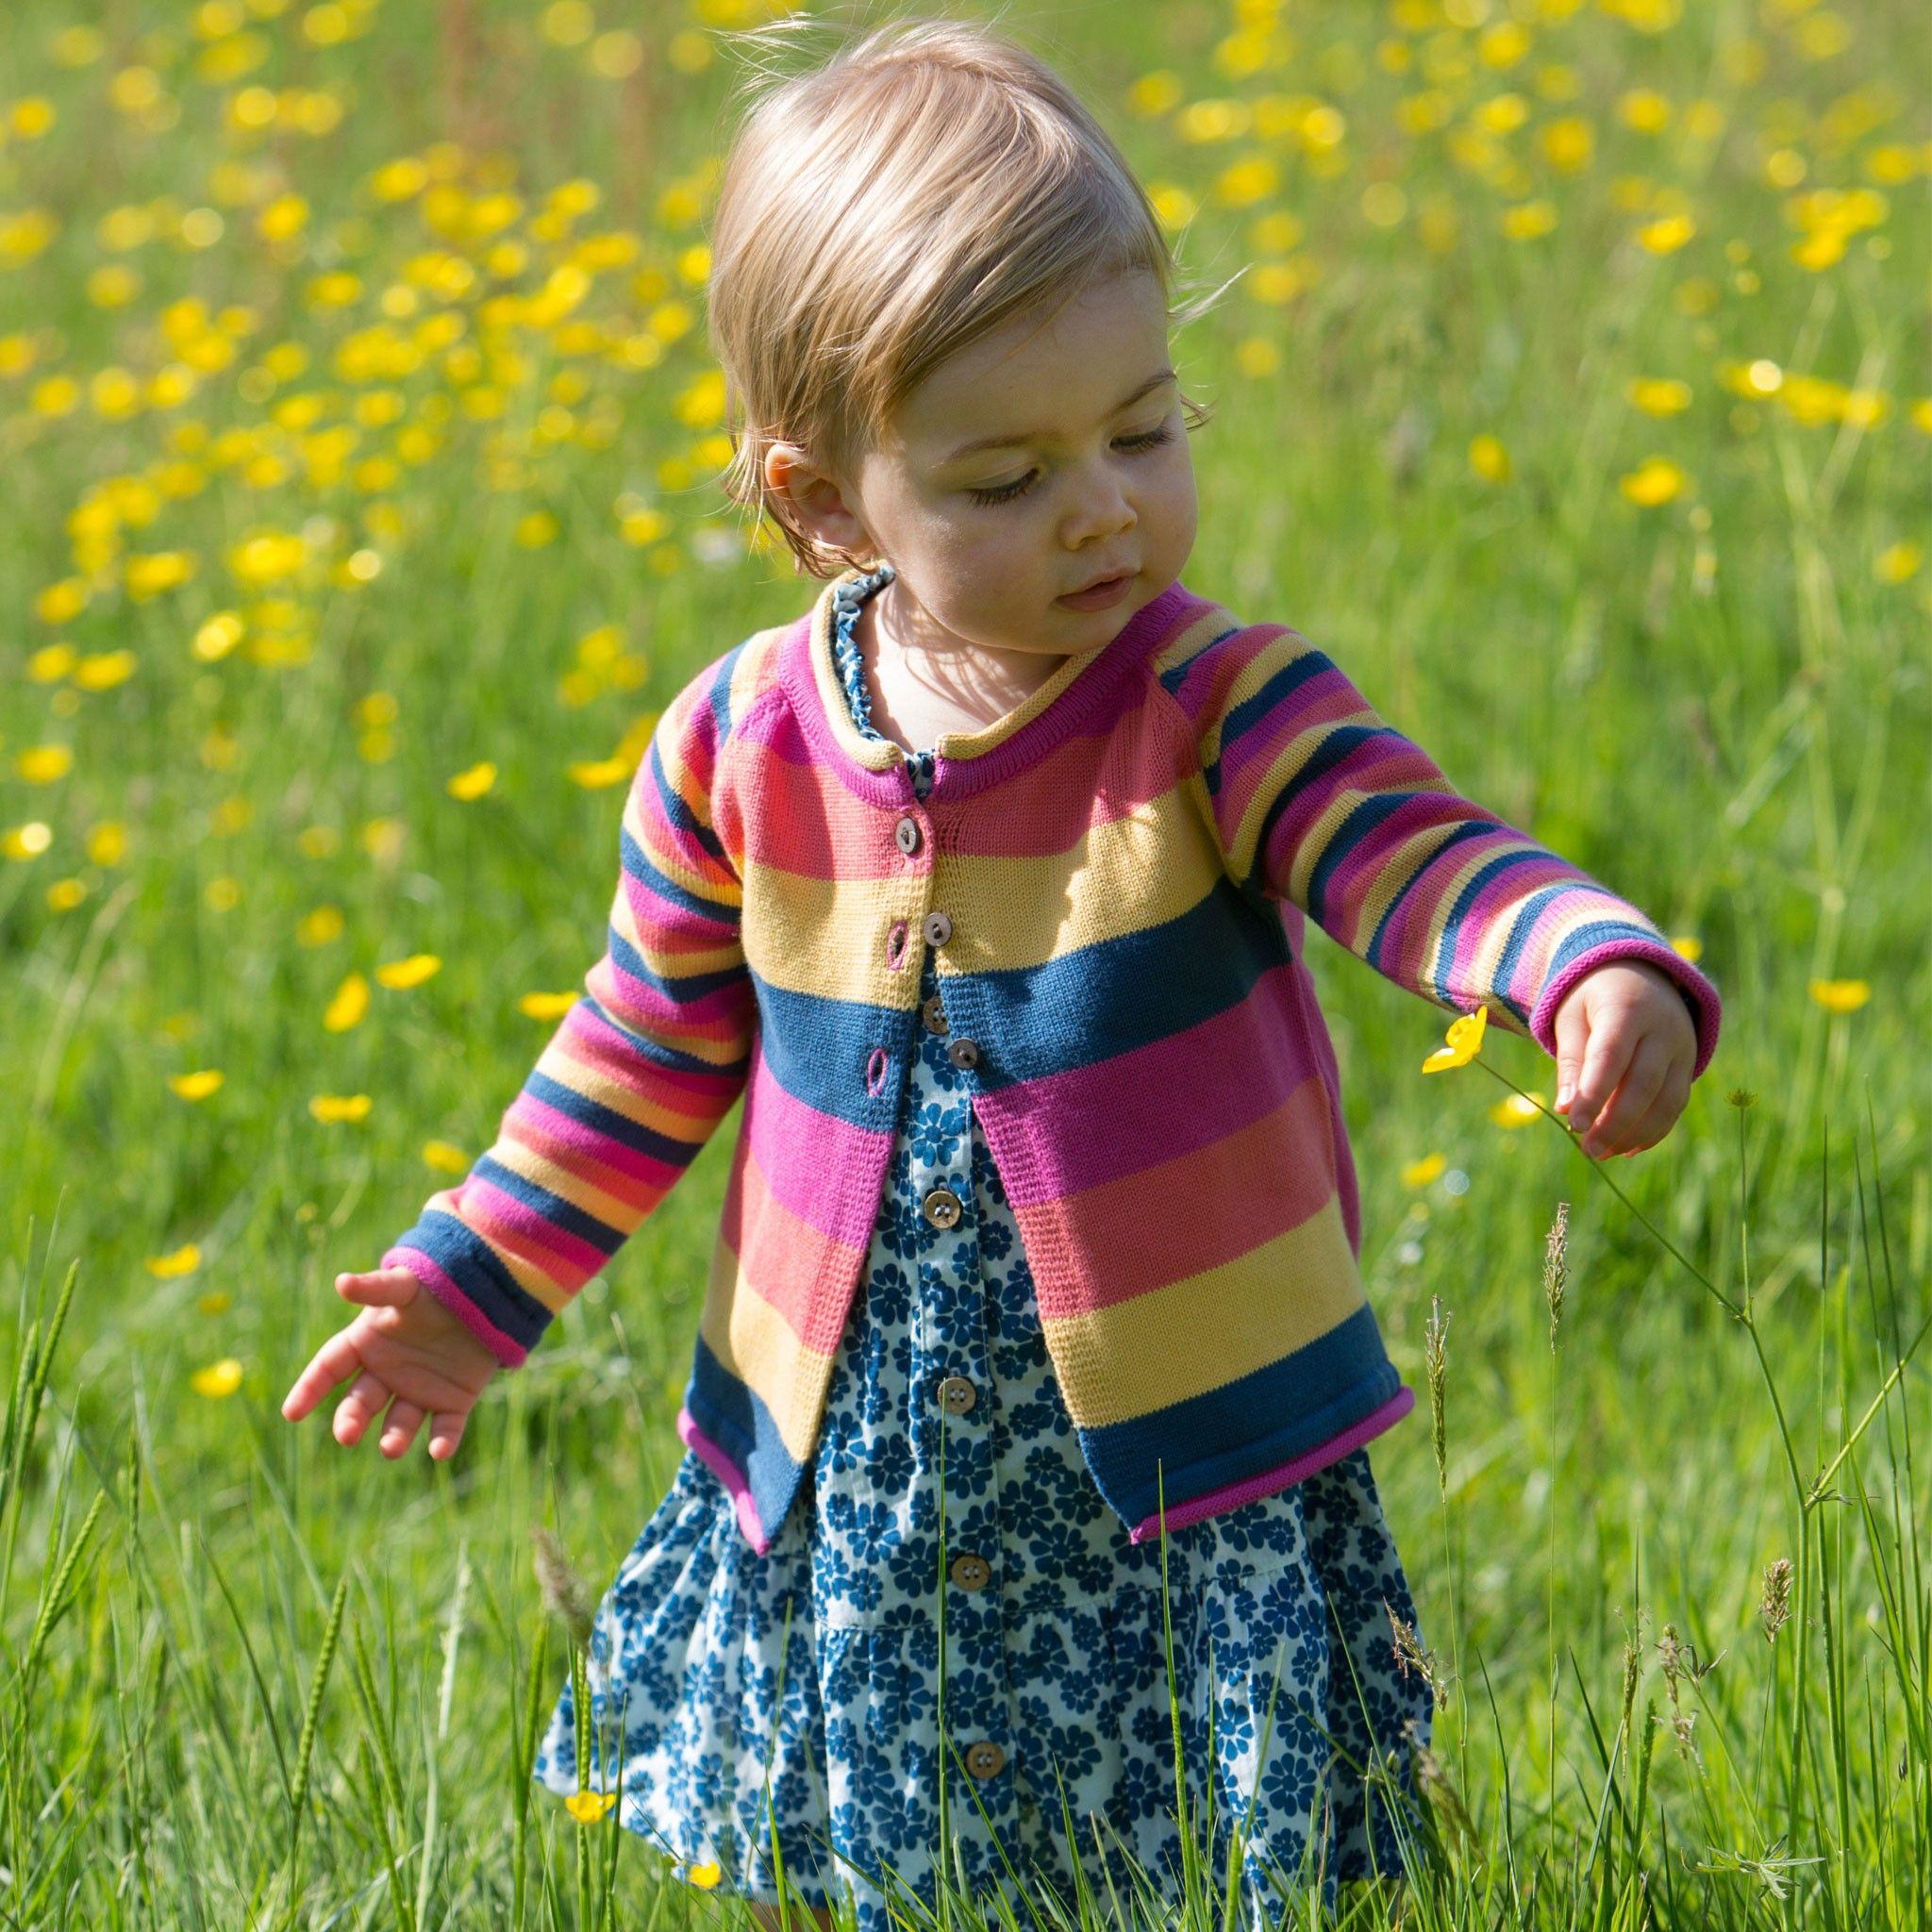 Kite Girls Daisy Dress (up to 3 years) - Kite - BRANDS